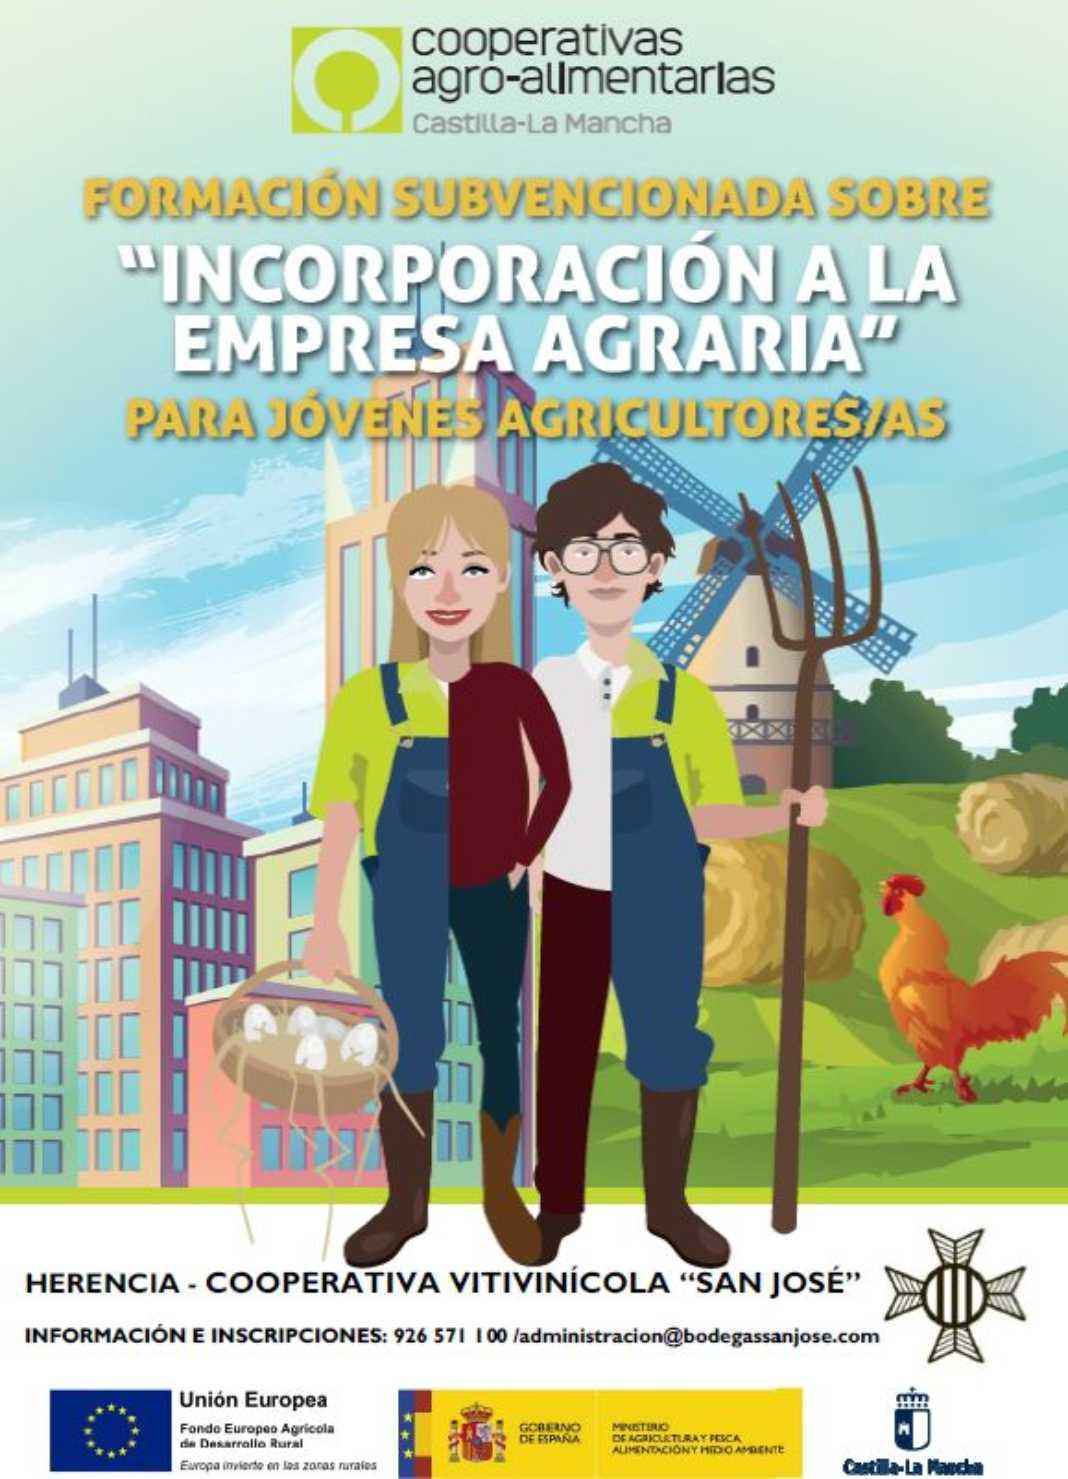 Curso Cooperativa 1068x1479 - La Incorporación de Jóvenes a la Empresa Agraria como formación en la Cooperativa Vitivinícola San José